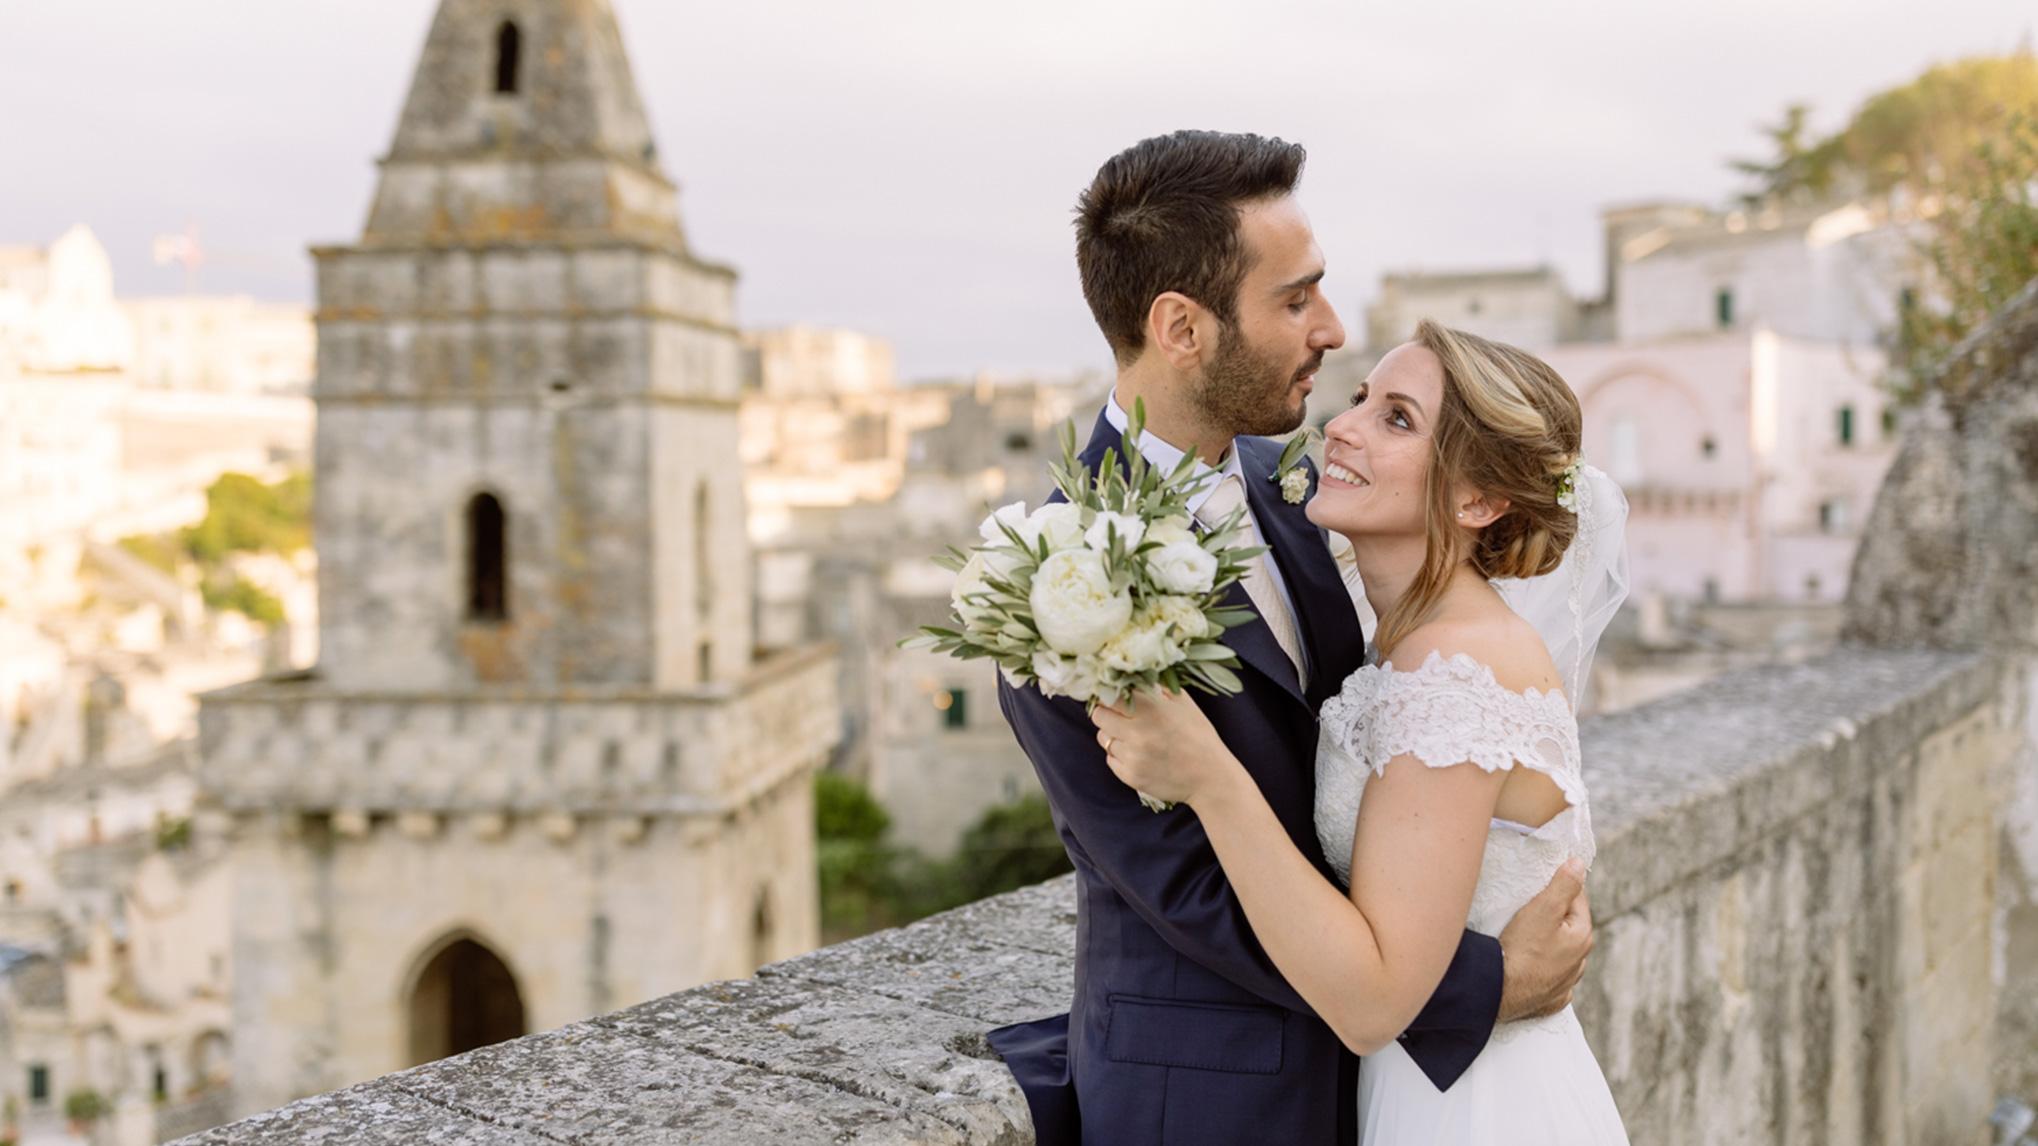 profile-1-meravigliosamente-al-sud-valeria-cinnella-wedding-planner-matrimoni-organizzazione-eventi-cerimonie-matera-altamura-gravina-bari-basilicata-puglia